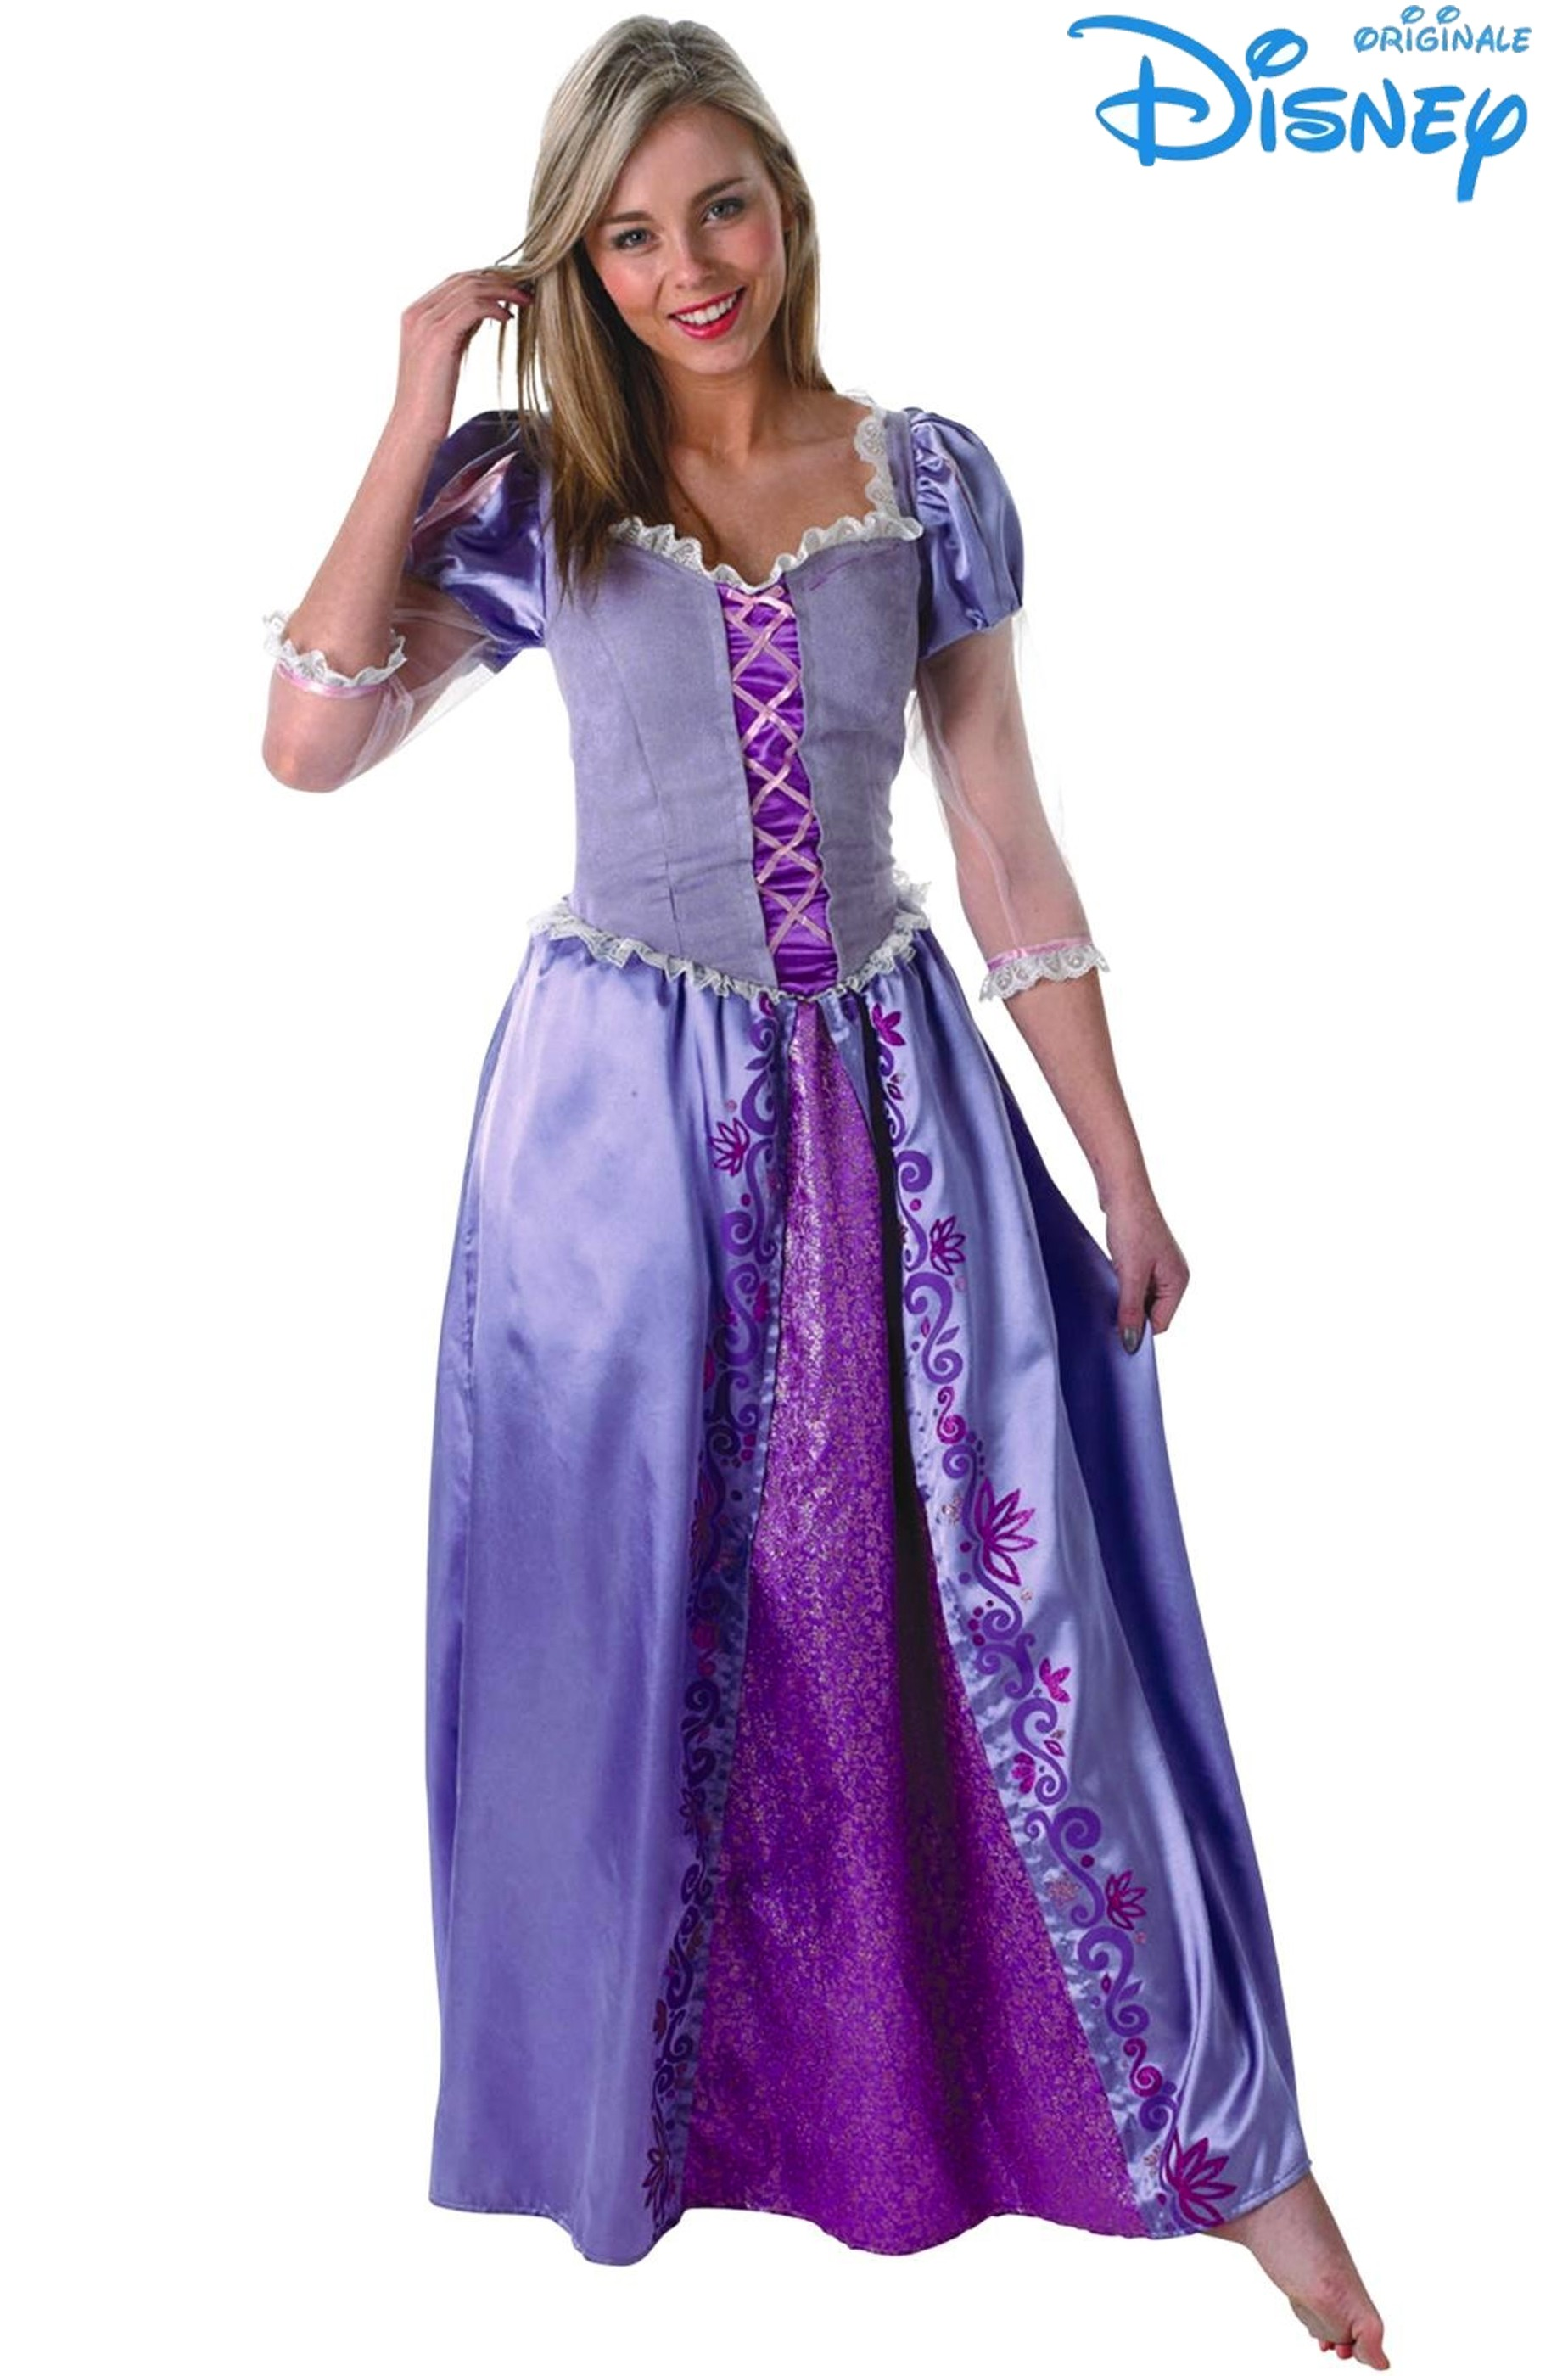 acquista per genuino ottima vestibilità nuovo elenco Costume Rapunzel Originale Disney